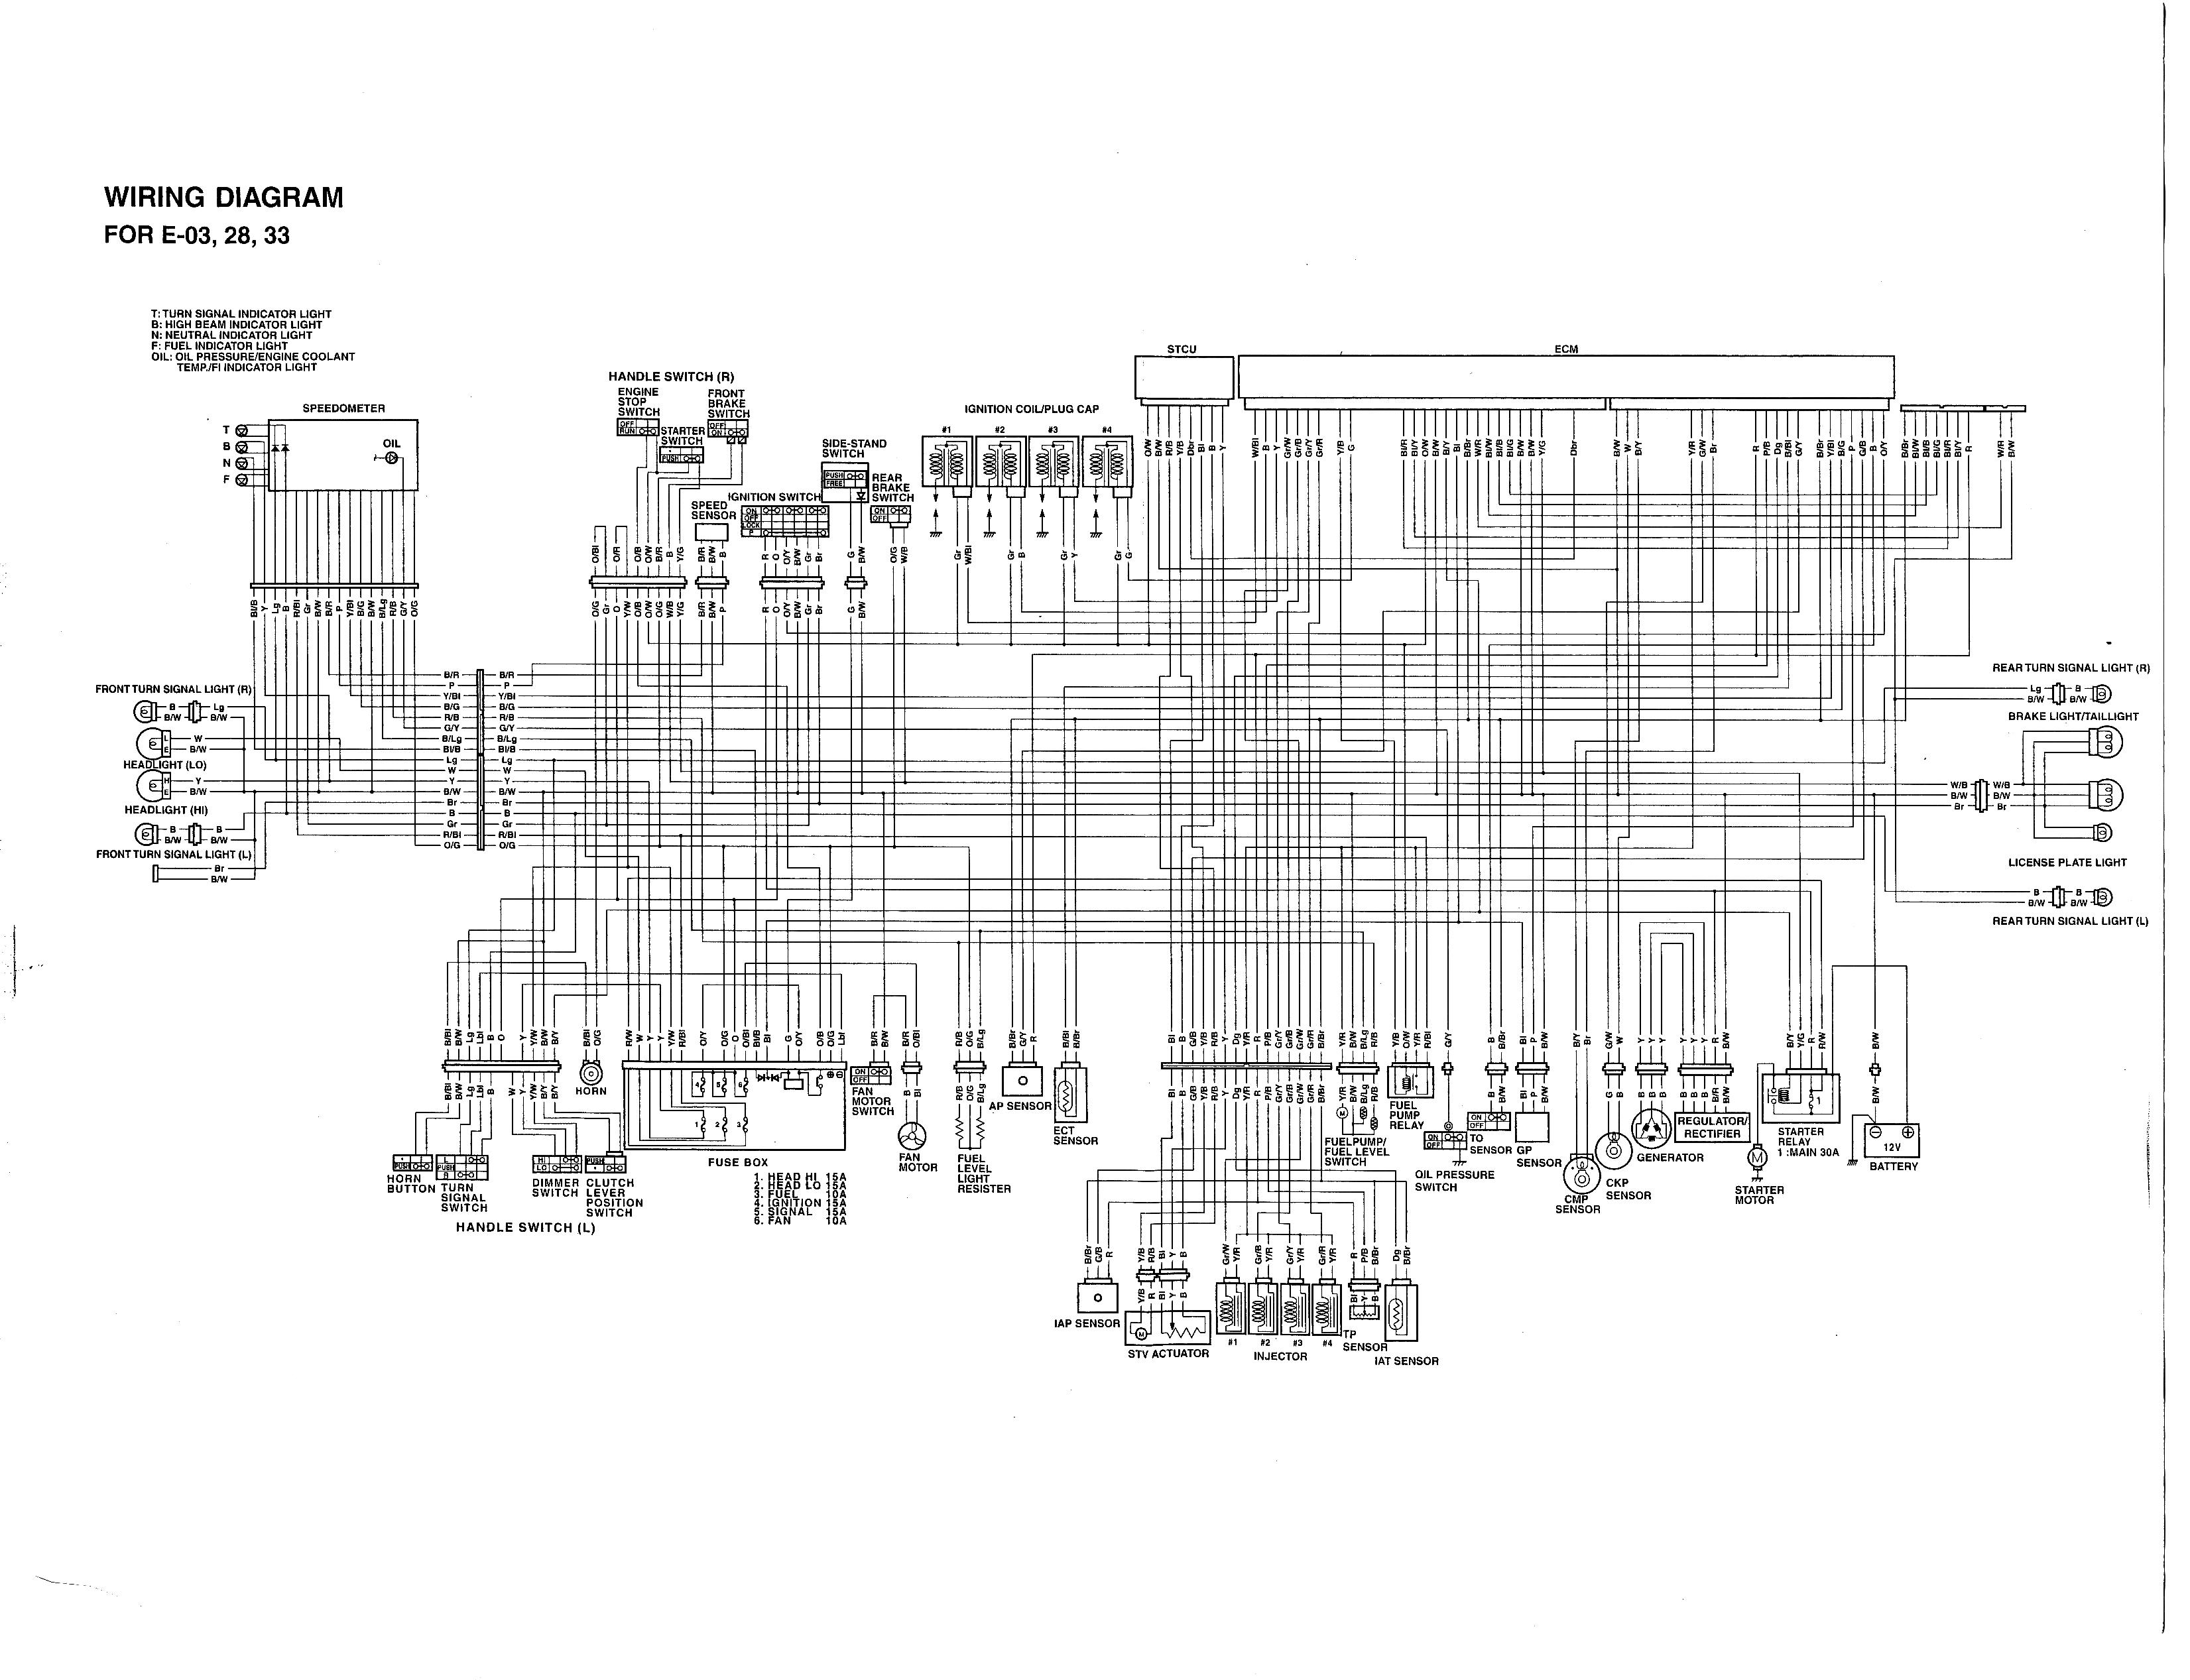 suzuki gsx r fuel pump wire diagram ao 4372  2001 gsxr 1000 2007 gsxr 600 wiring diagram tl 1000  2001 gsxr 1000 2007 gsxr 600 wiring